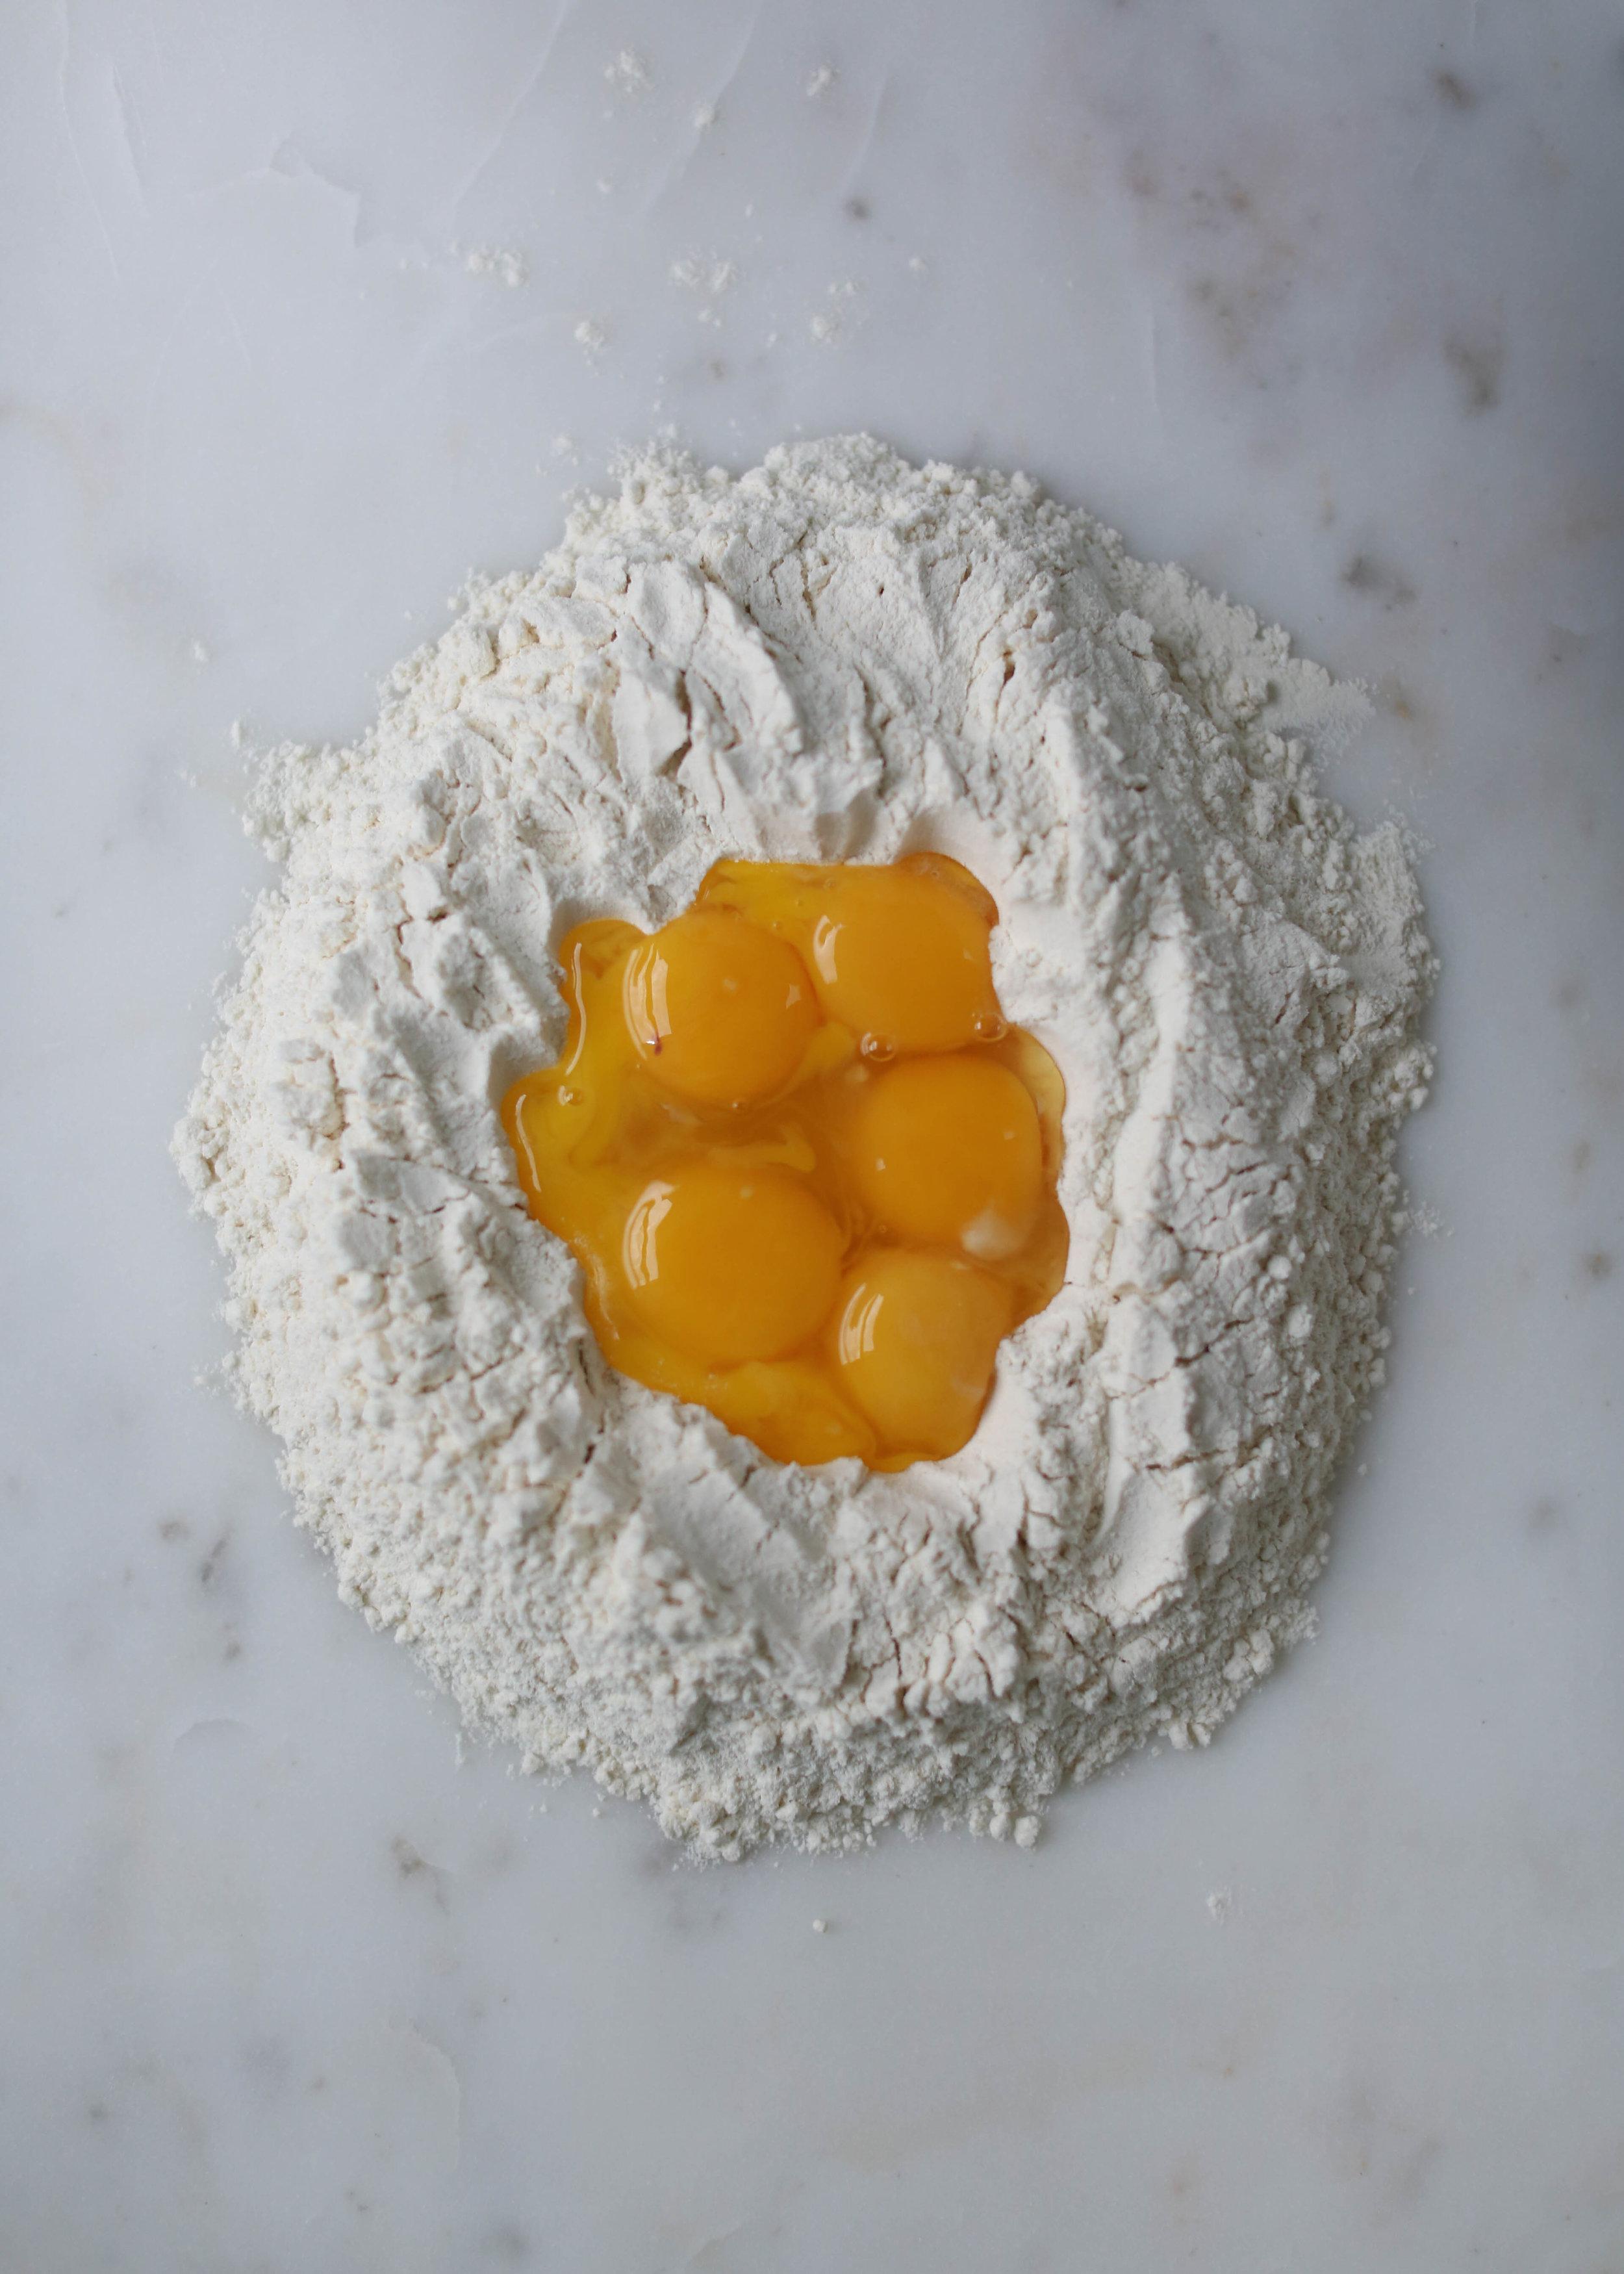 flour-egg-pasta.jpg